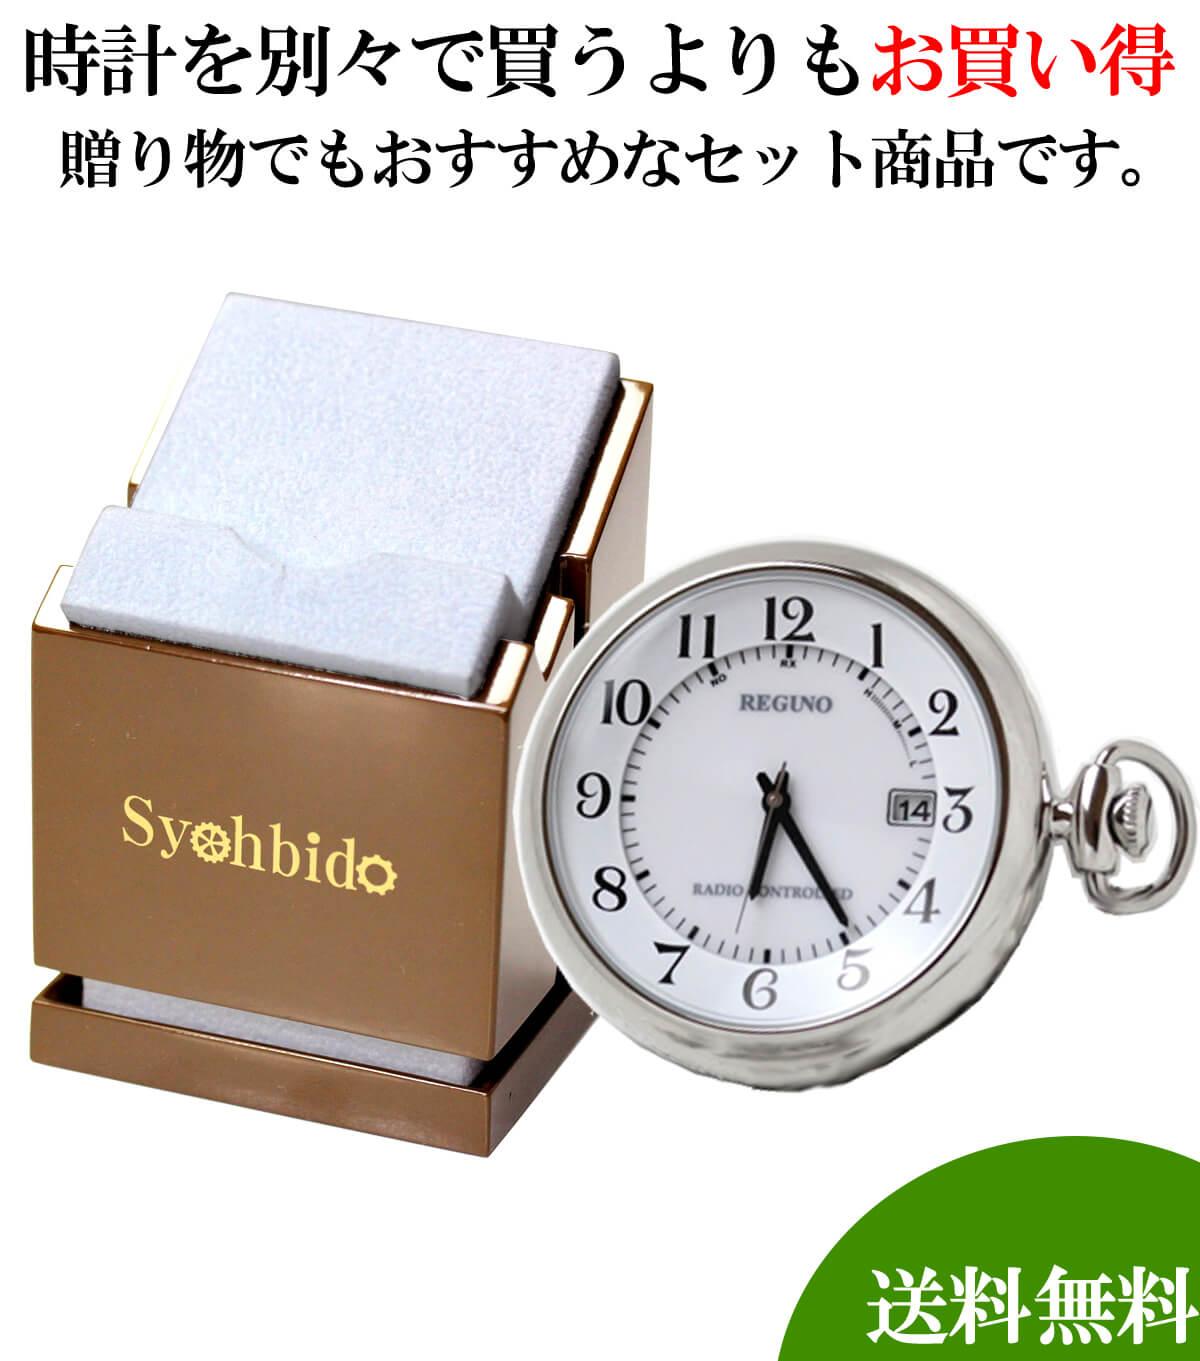 シチズン kl791411 KL7-914-11 懐中時計 ソーラー電波